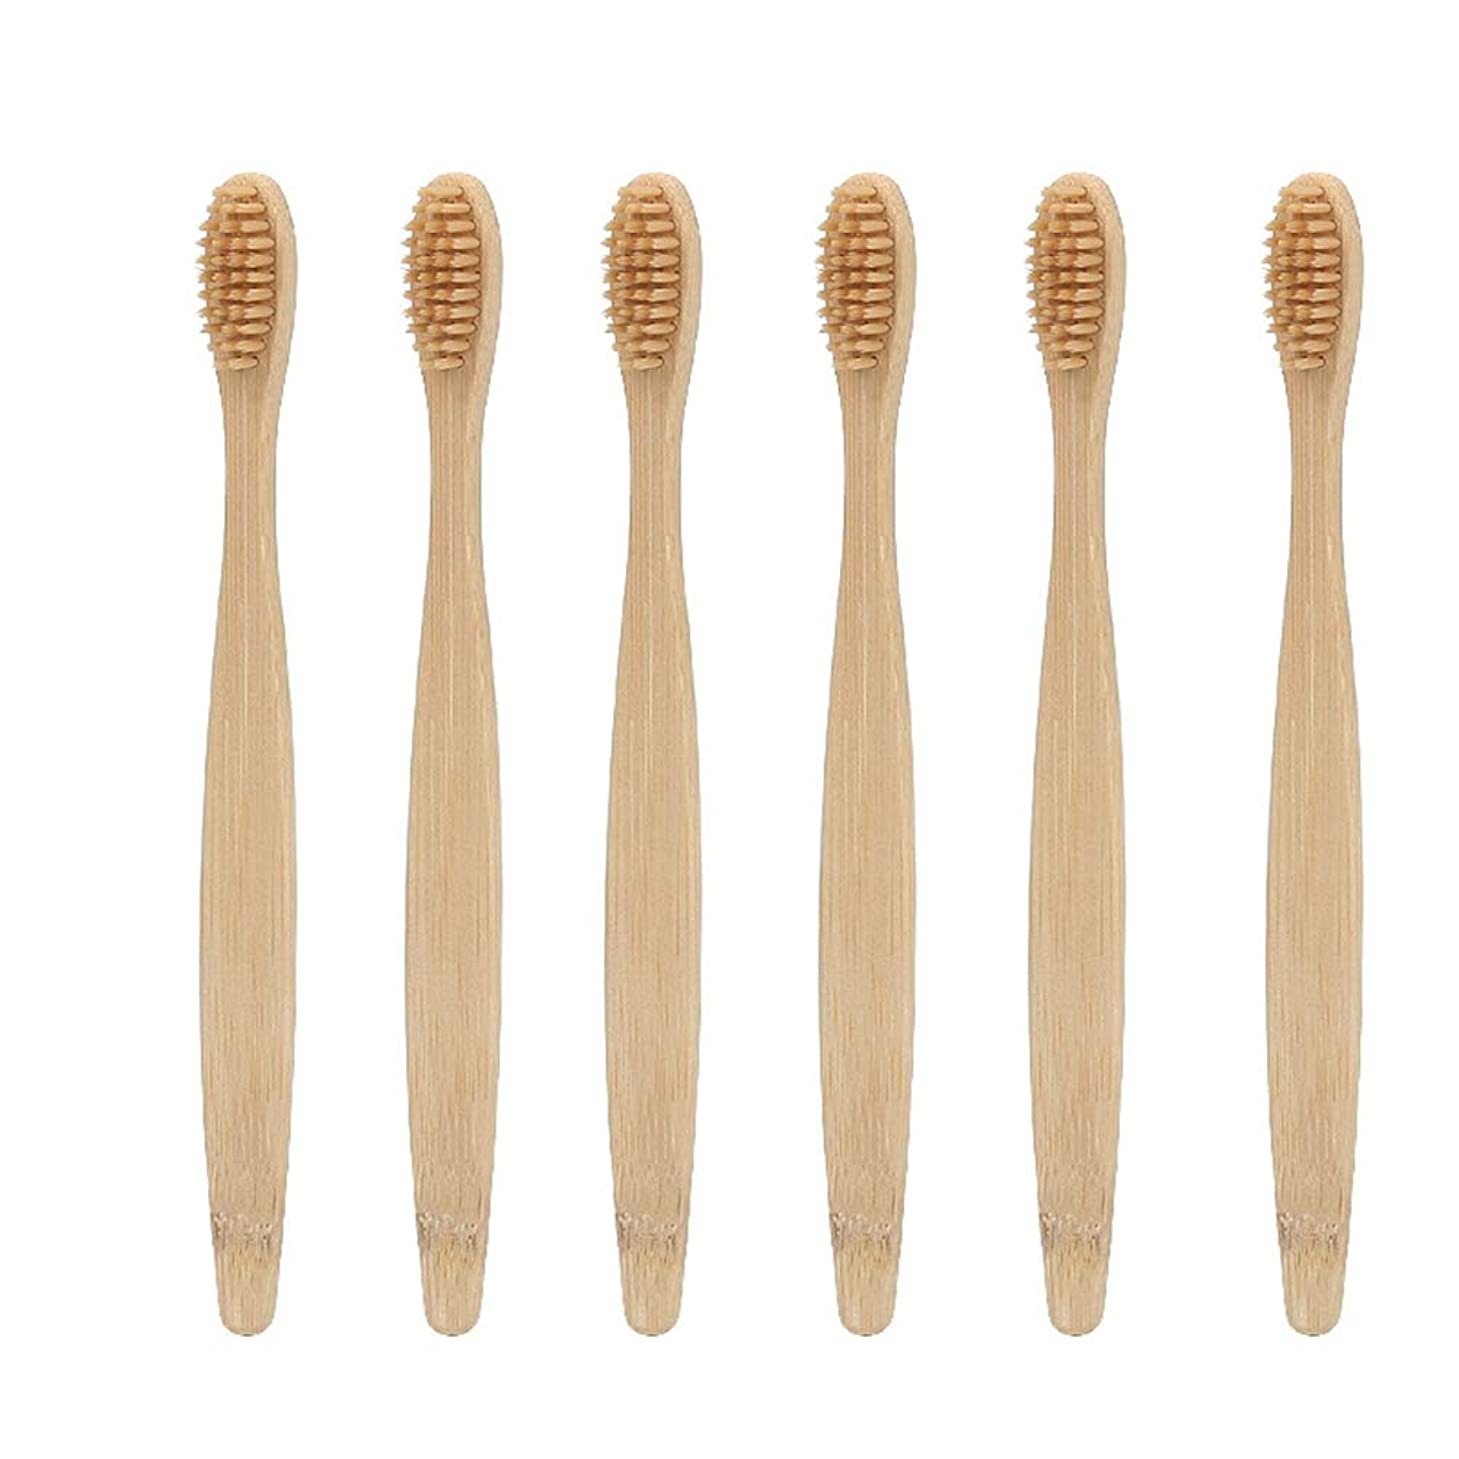 虚弱ガロン押し下げるSUPVOX 12本の柔らかい歯ブラシ天然竹の歯ブラシラウンドハンドル深い口腔清掃旅行屋外用ホームアダルトキッズ(ベージュ)